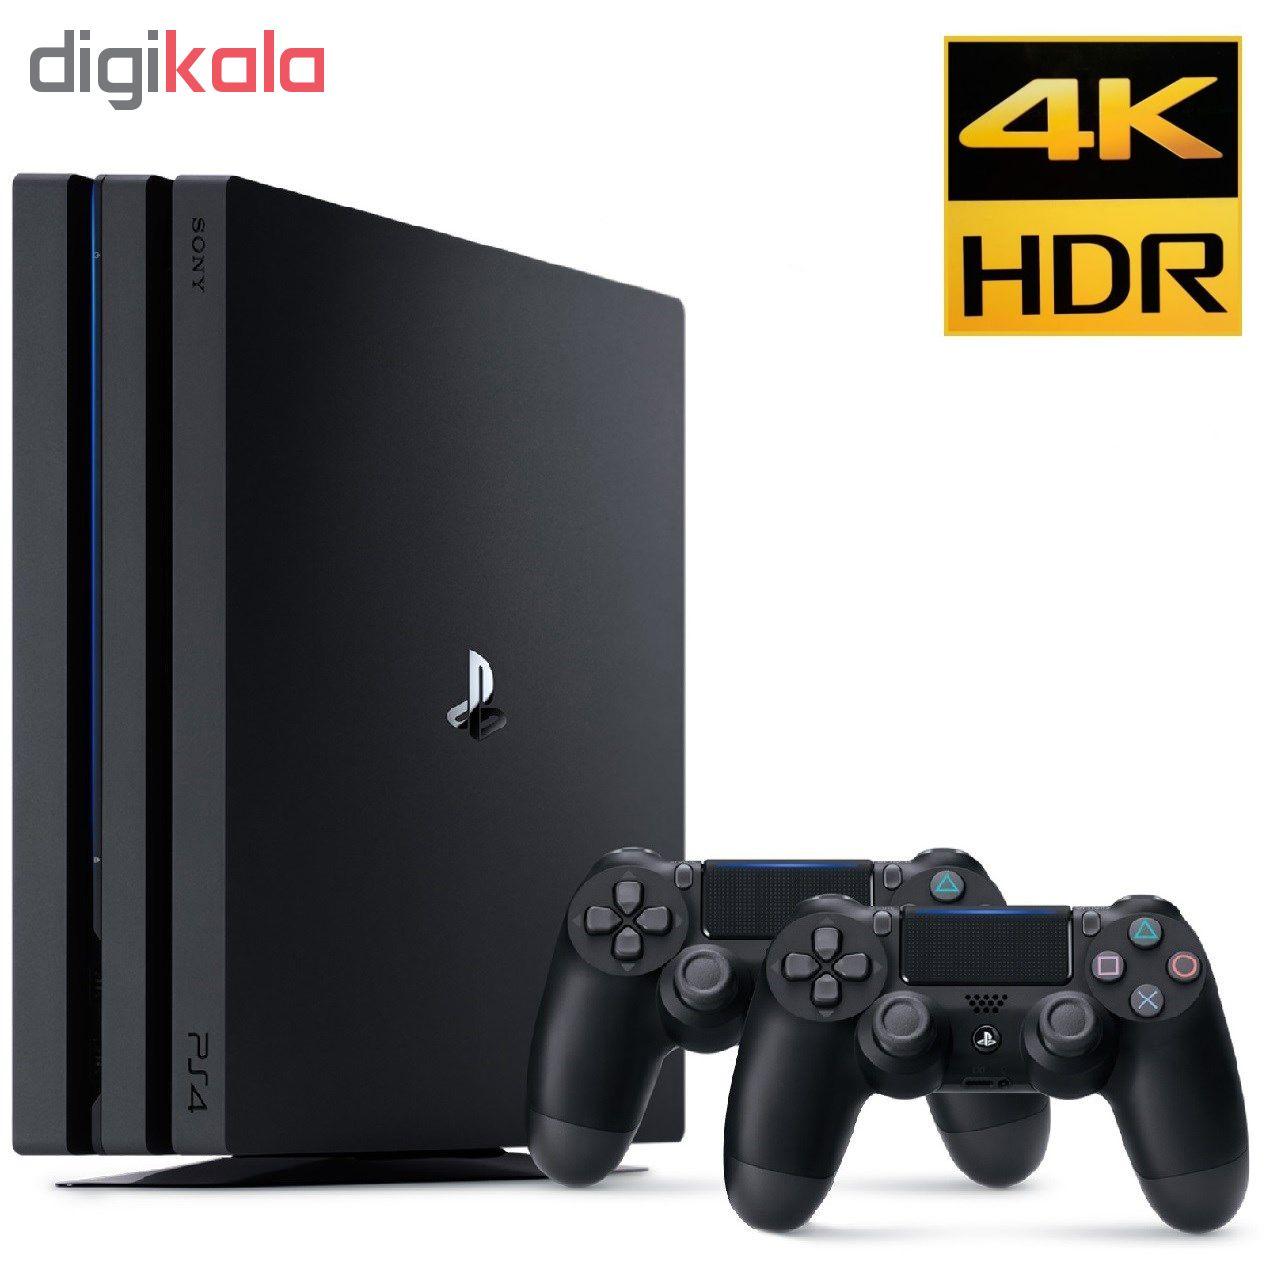 کنسول بازی سونی مدل  Playstation 4 Pro 2018 کد CUH-7216B Region 2 ظرفیت 1 ترابایت main 1 1